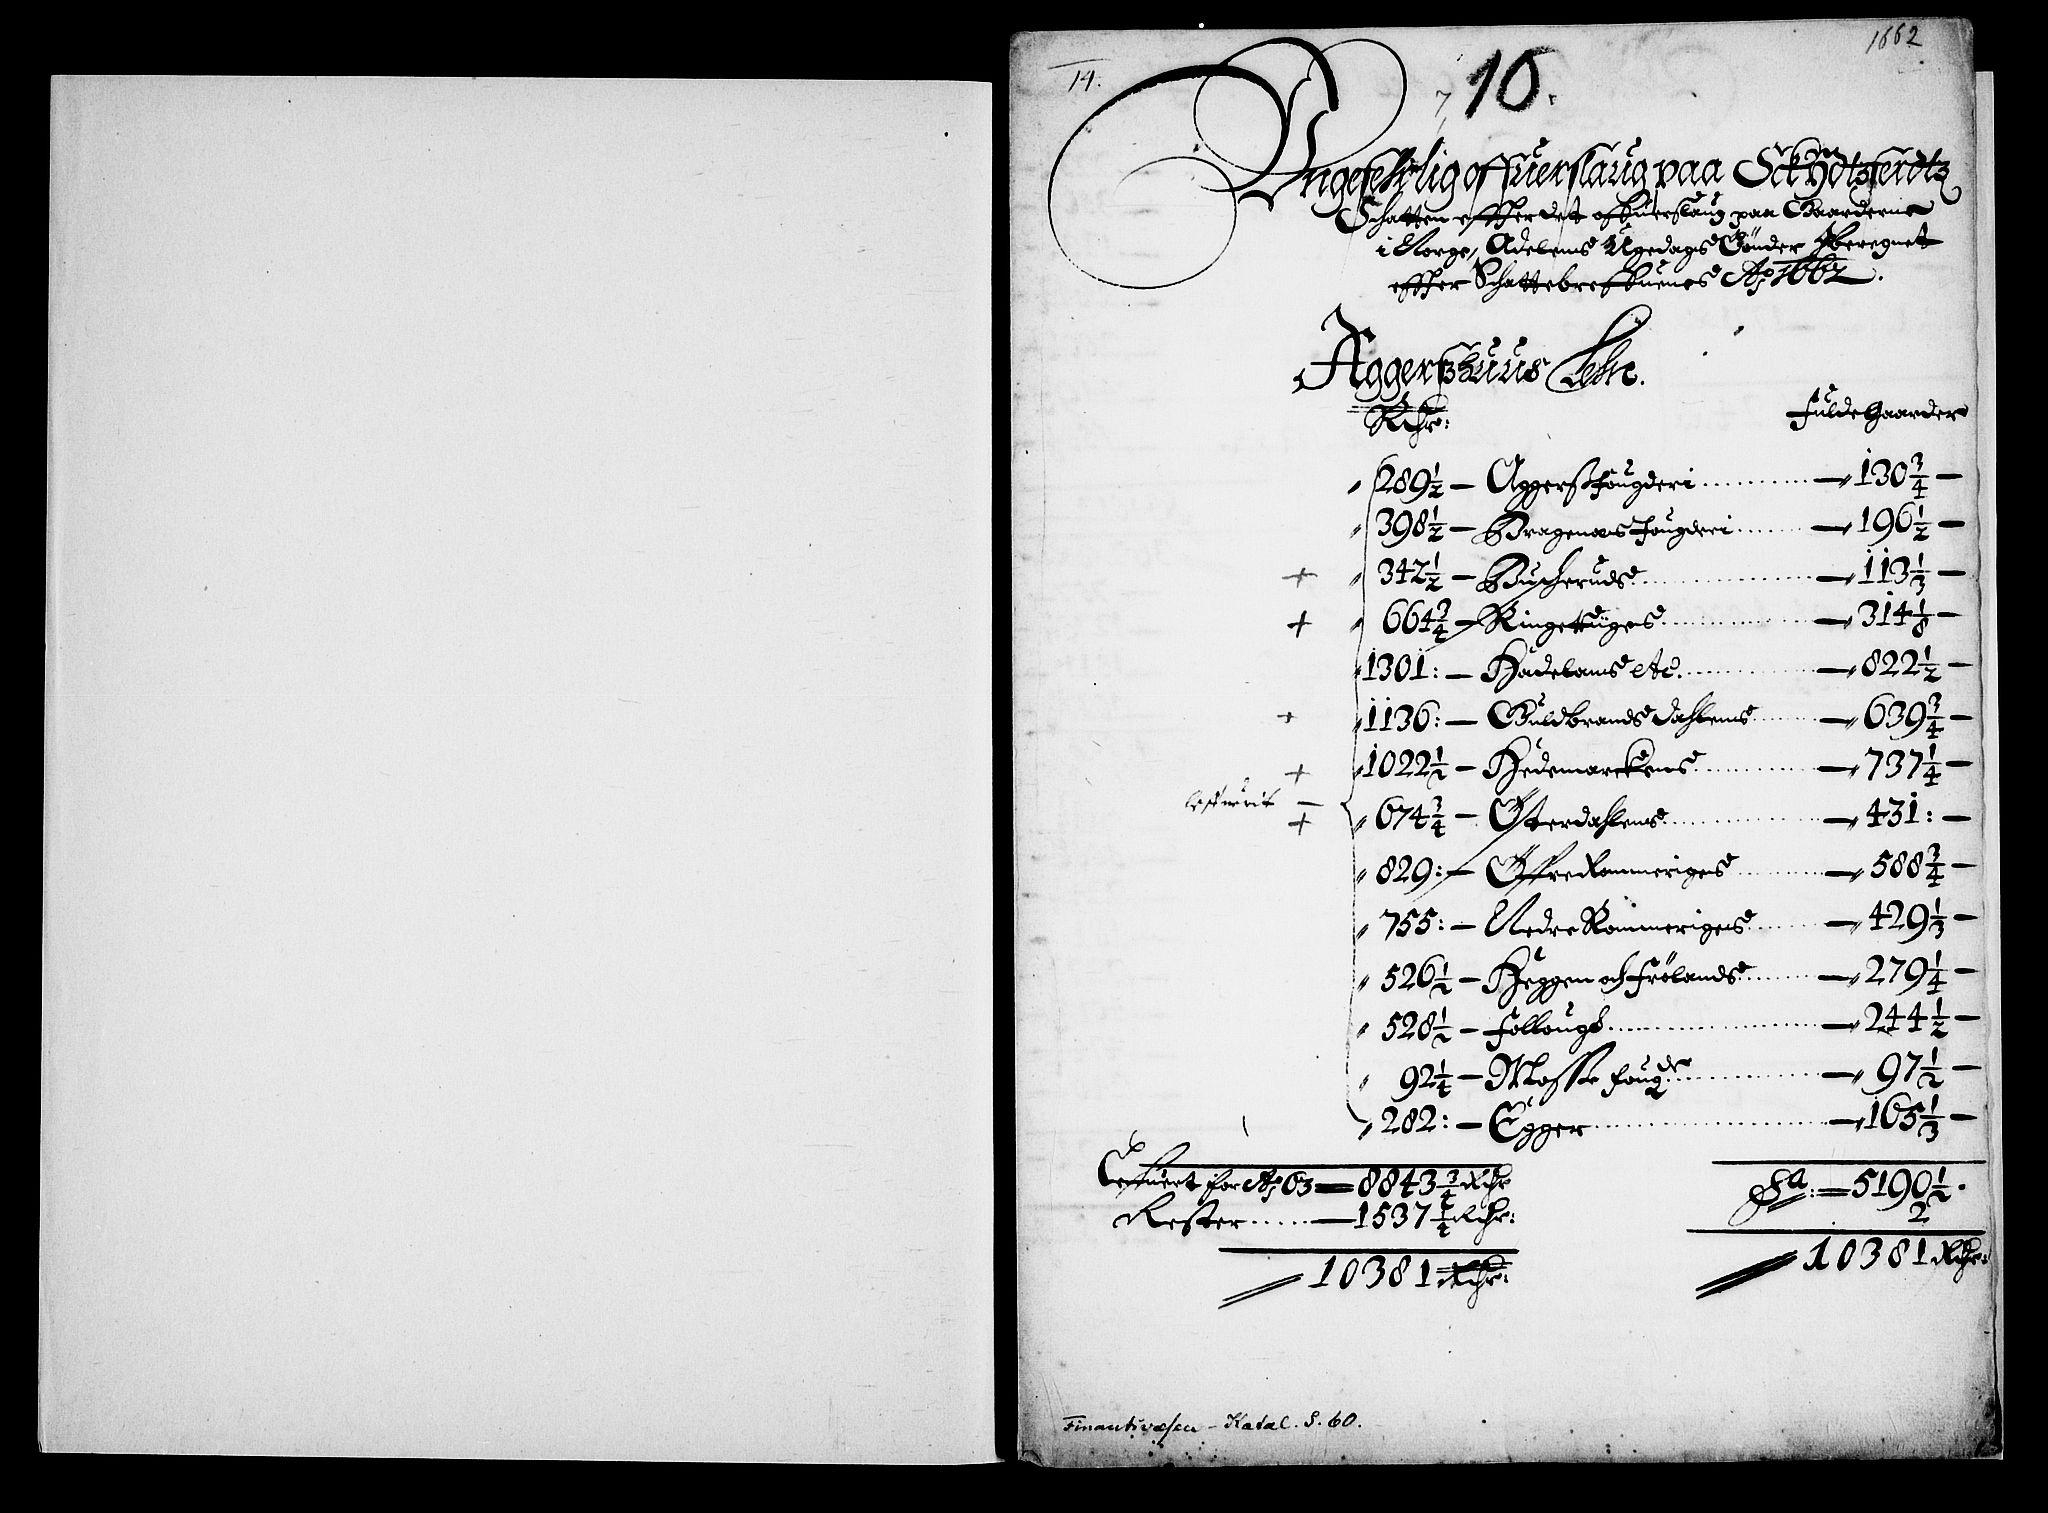 RA, Danske Kanselli, Skapsaker, G/L0019: Tillegg til skapsakene, 1616-1753, s. 199